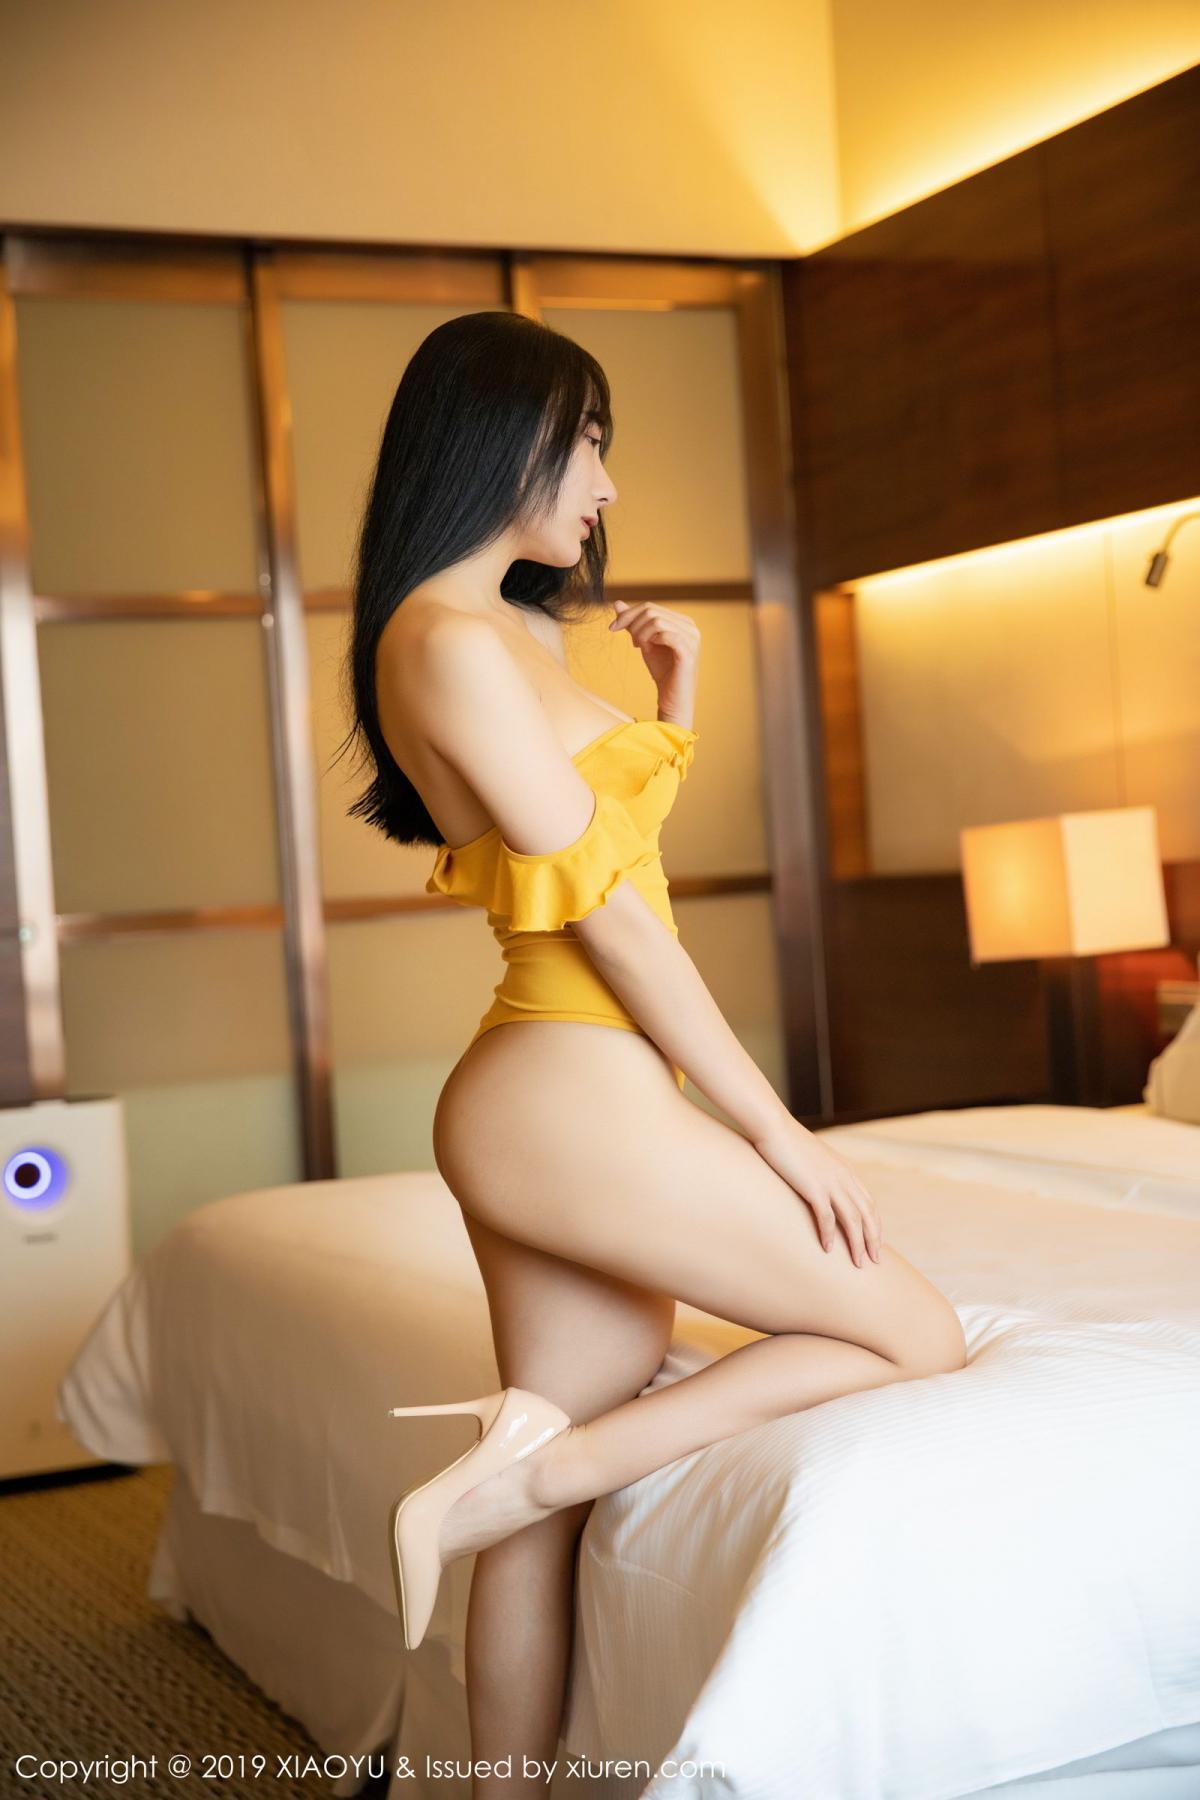 [XiaoYu] Vol.140 He Jia Ying 12P, He Jia Ying, Tall, XiaoYu